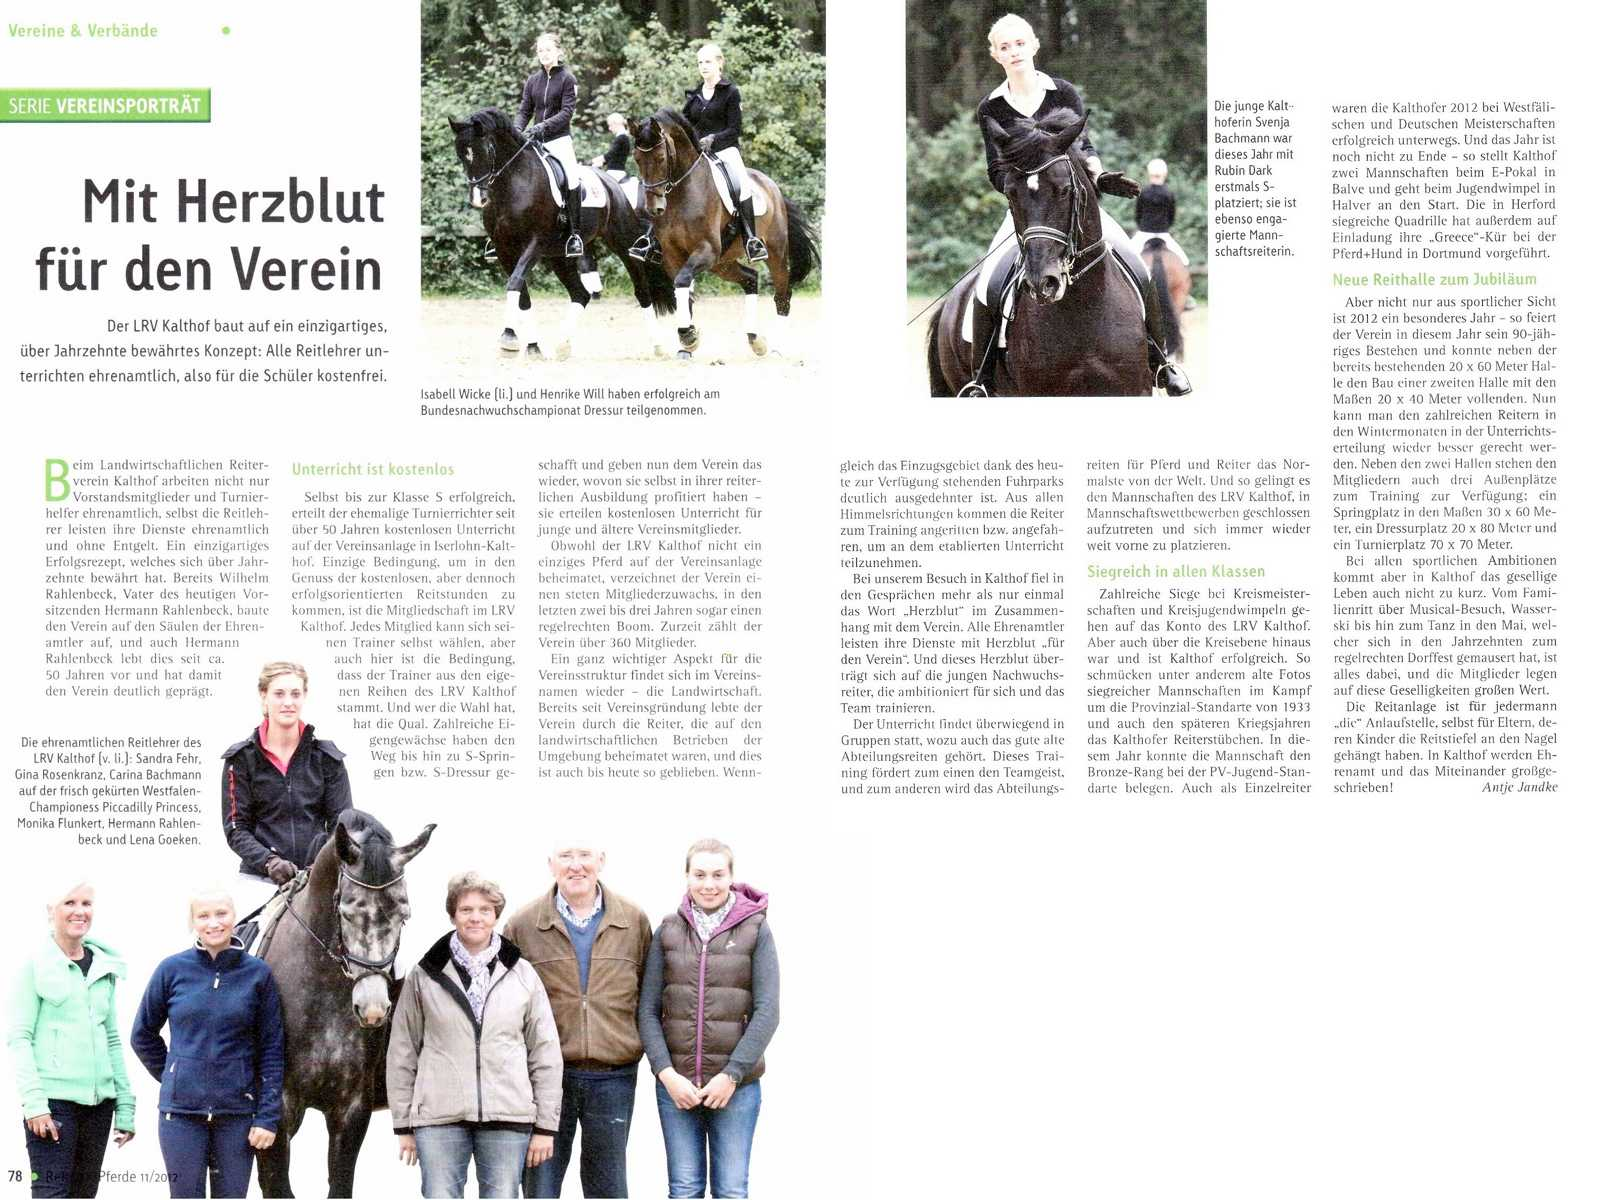 2012-11-01-mit_herzblut_fuer_den_verein